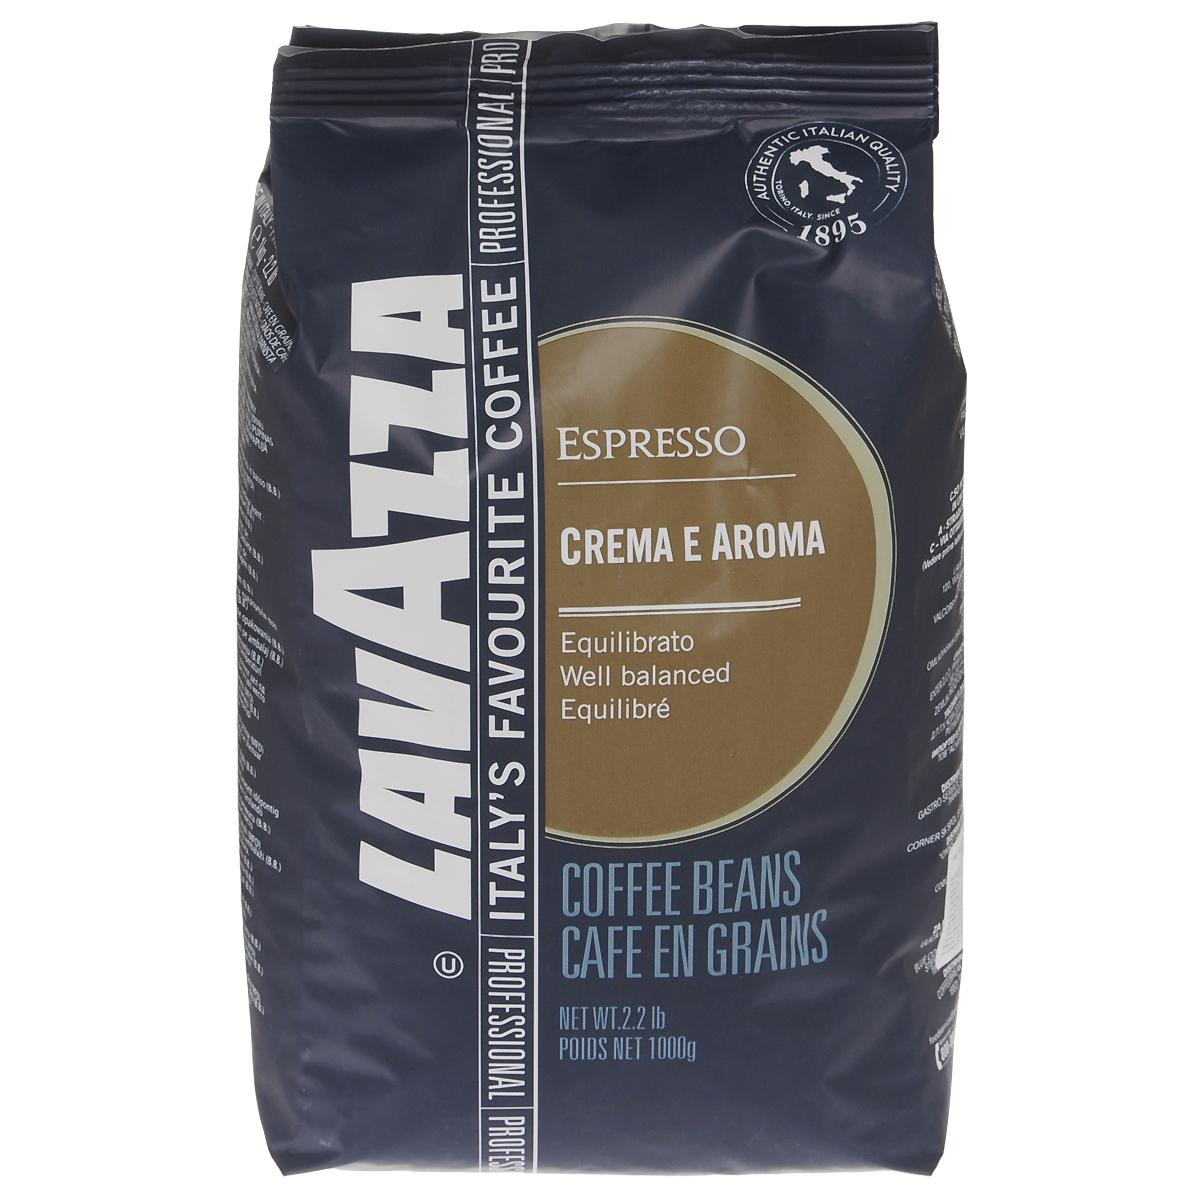 Lavazza Crema e Aroma Espresso кофе в зернах, 1 кг8000070124905Lavazza Crema e Aroma Espresso - это кофейная смесь с плотной «крема» и сильным характером, с приятным послевкусием сухих фруктов, горького шоколада и ценных пород дерева, которые напомнят вам о выдержанном марочном вине.